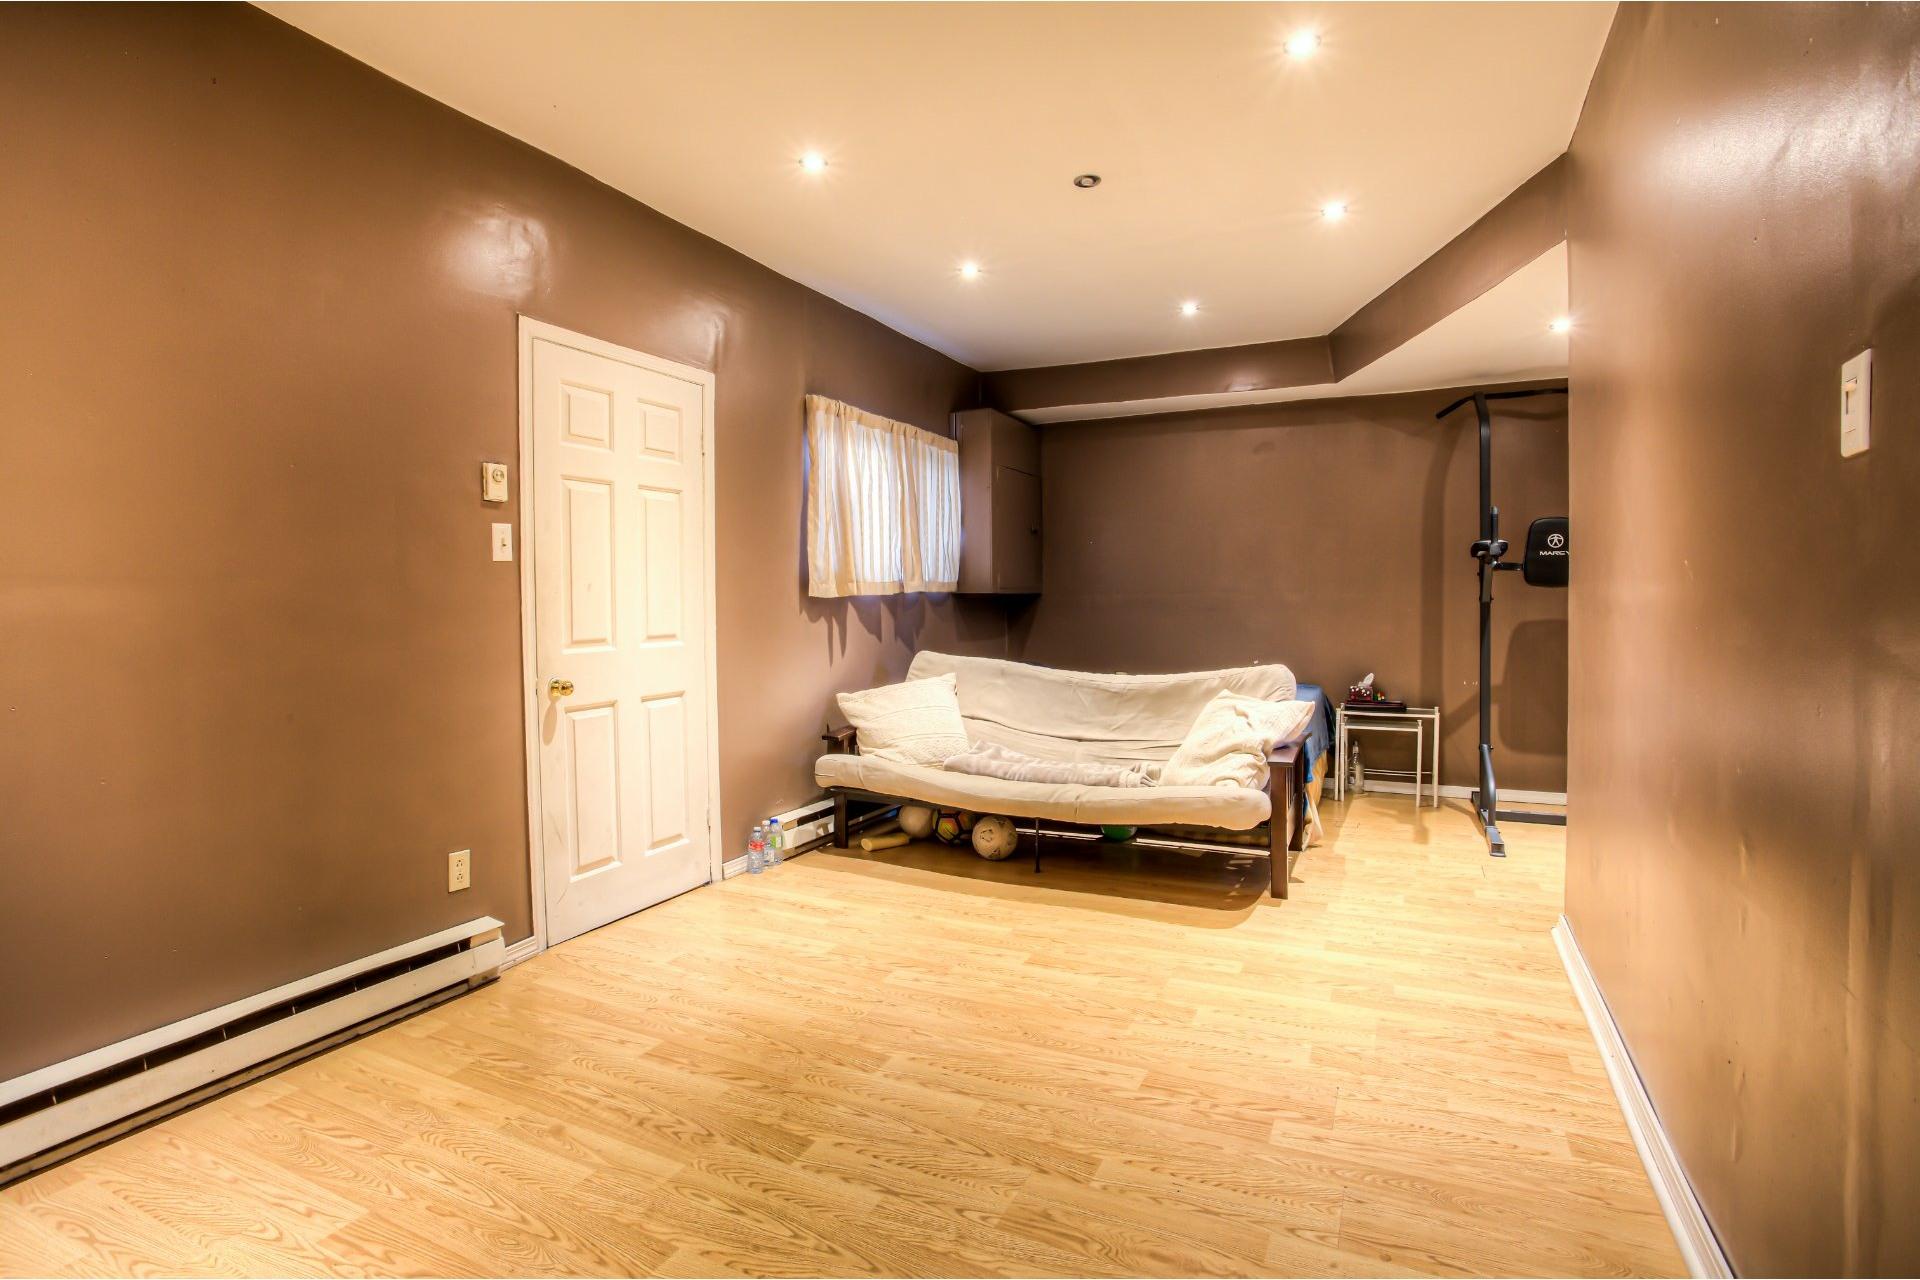 image 18 - Maison À vendre Pierrefonds-Roxboro Montréal  - 8 pièces